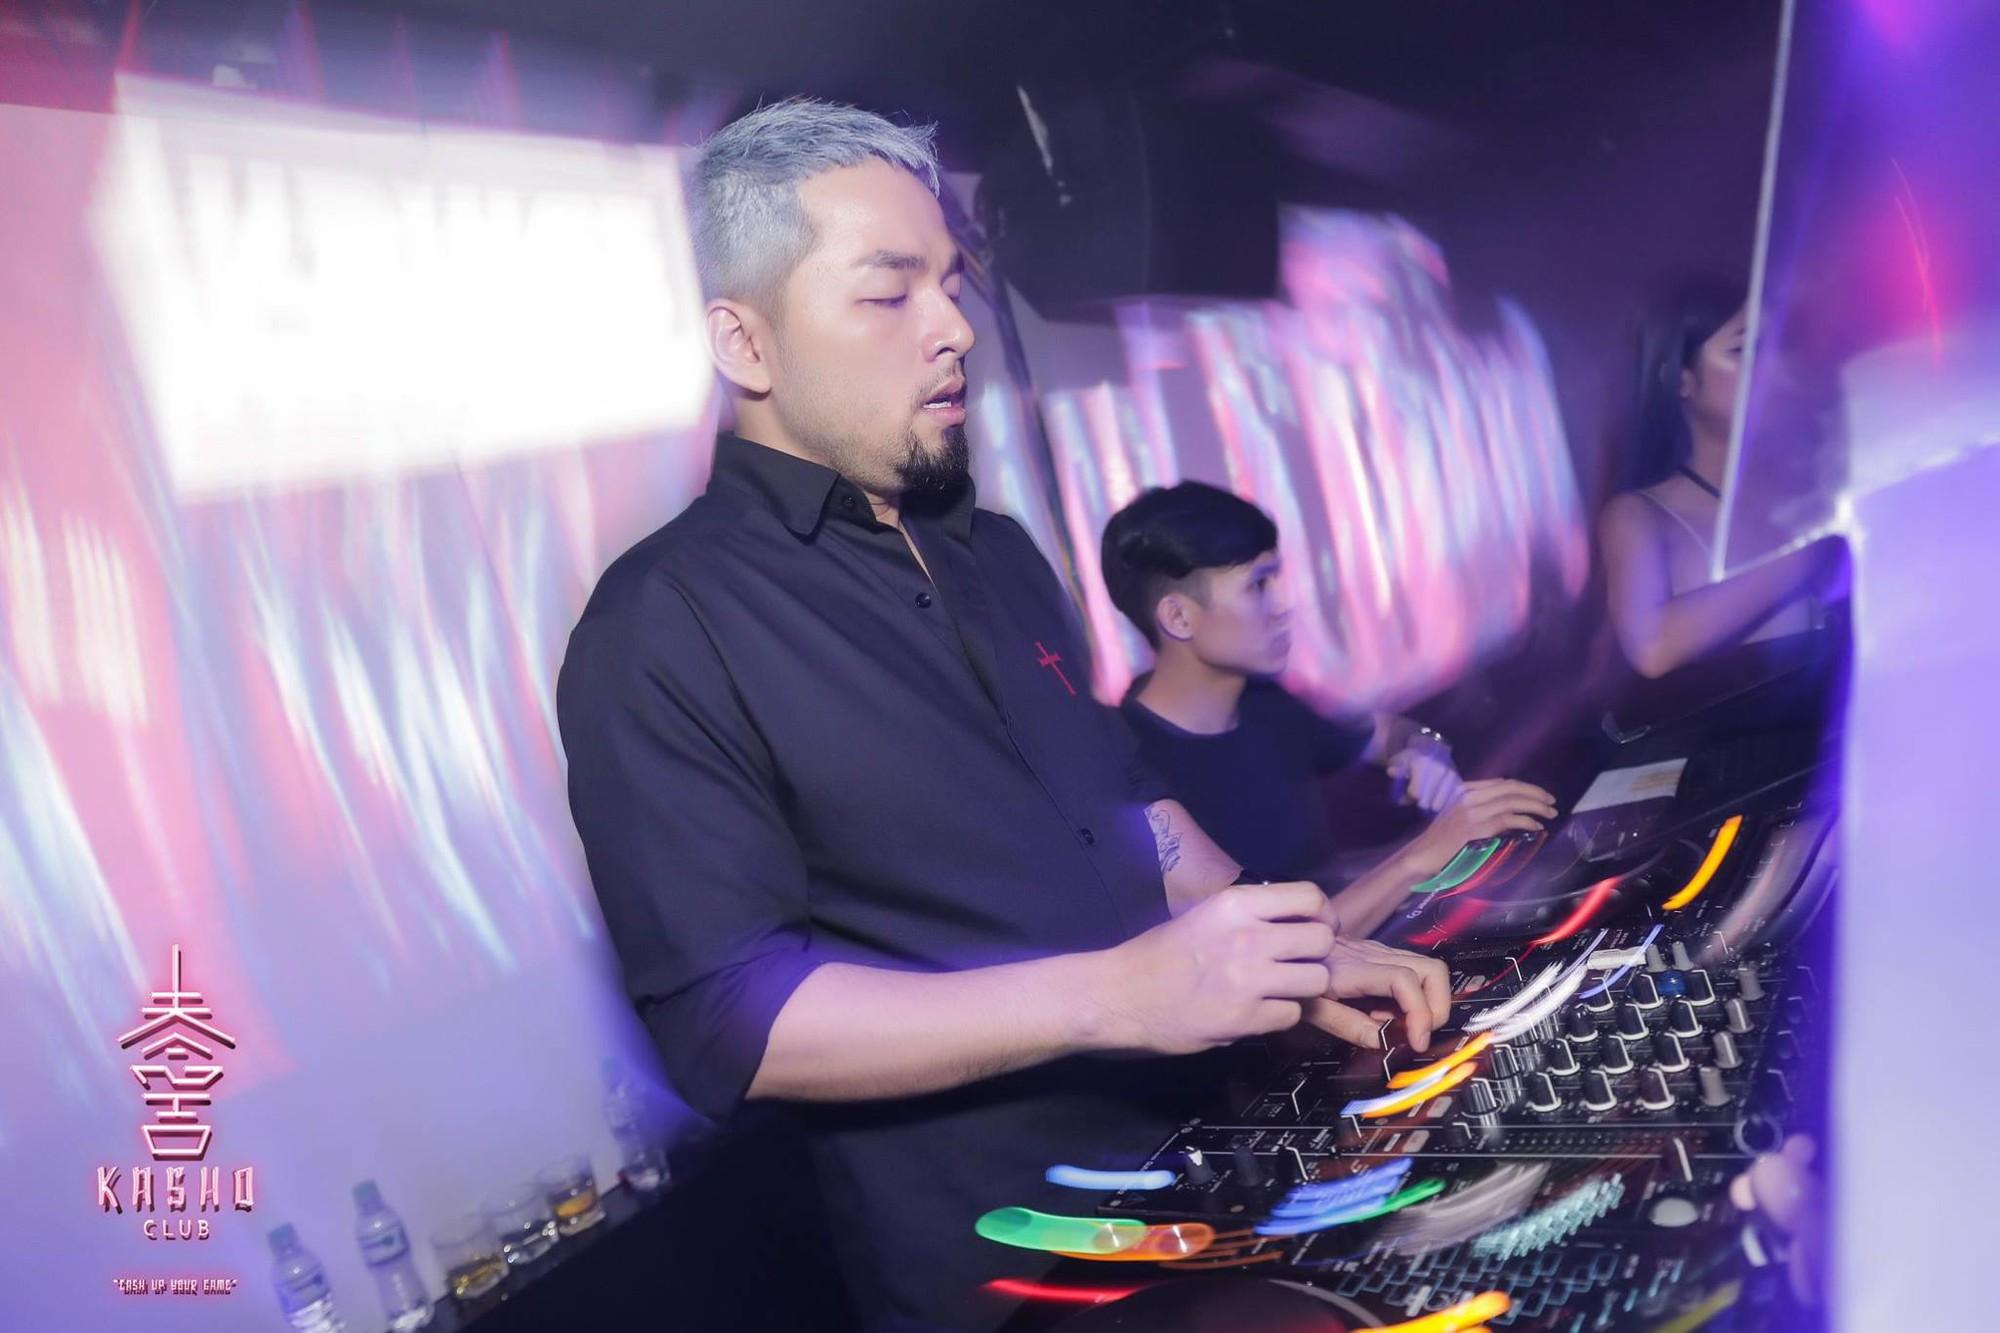 """Hồ Ngọc Hà, Tóc Tiên cùng dàn DJ """"khủng"""" đốt cháy sân khấu tại The Observatory Party - Ảnh 7."""